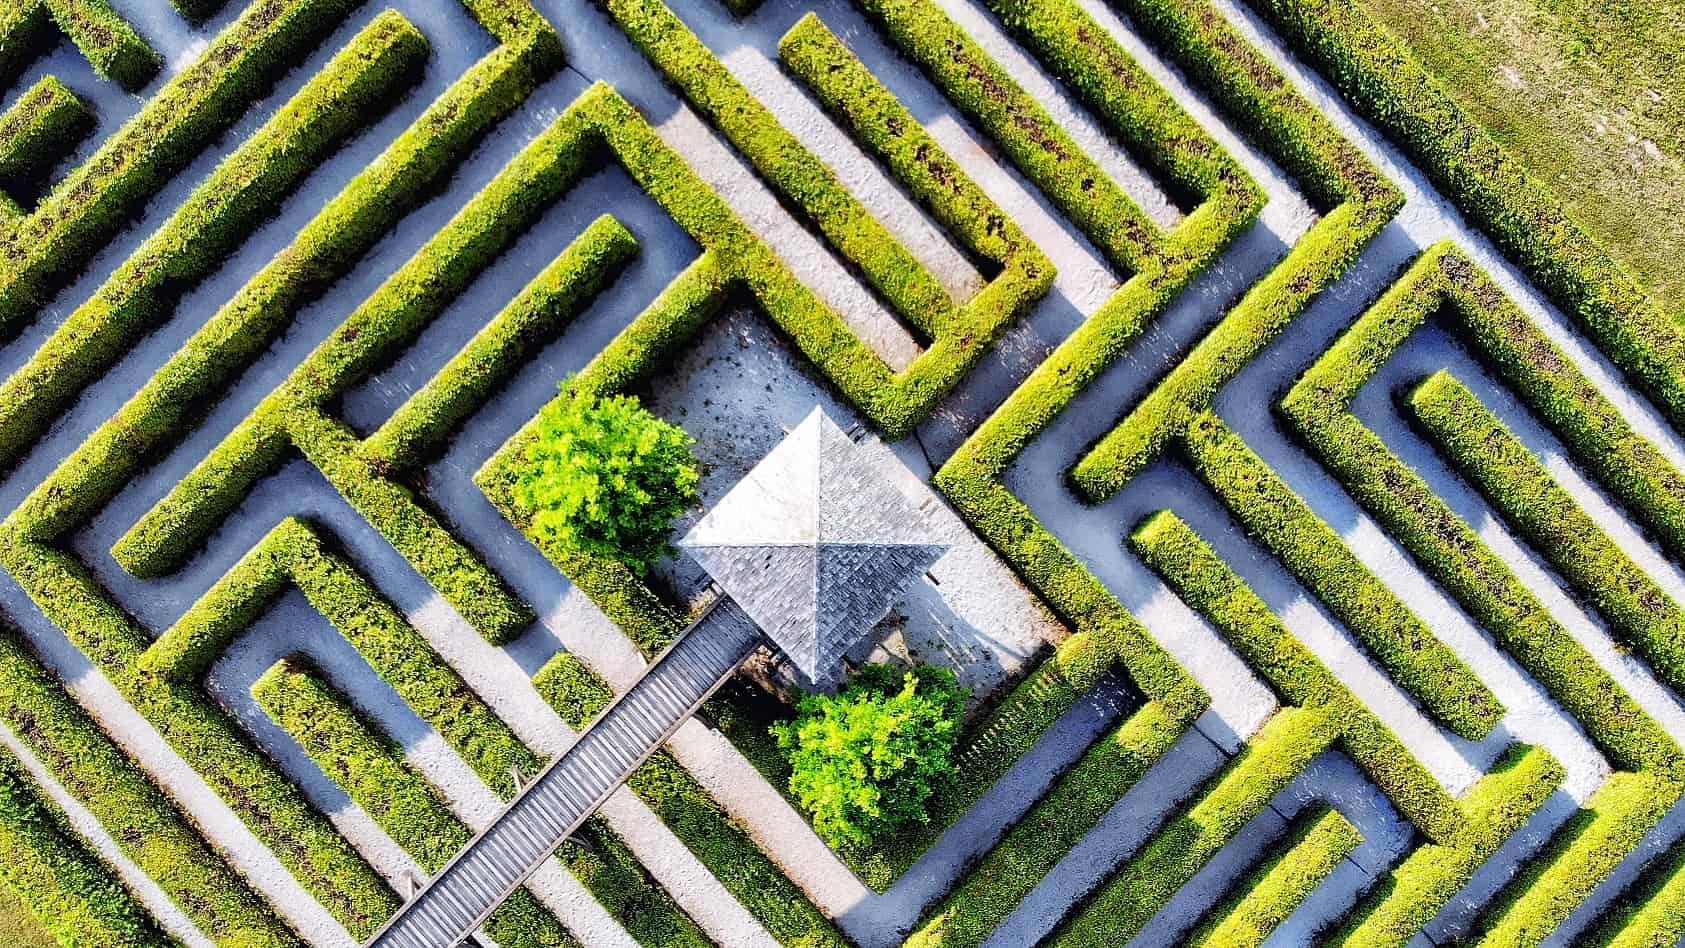 Gartenlabyrinth Rosegg in Österreich von oben